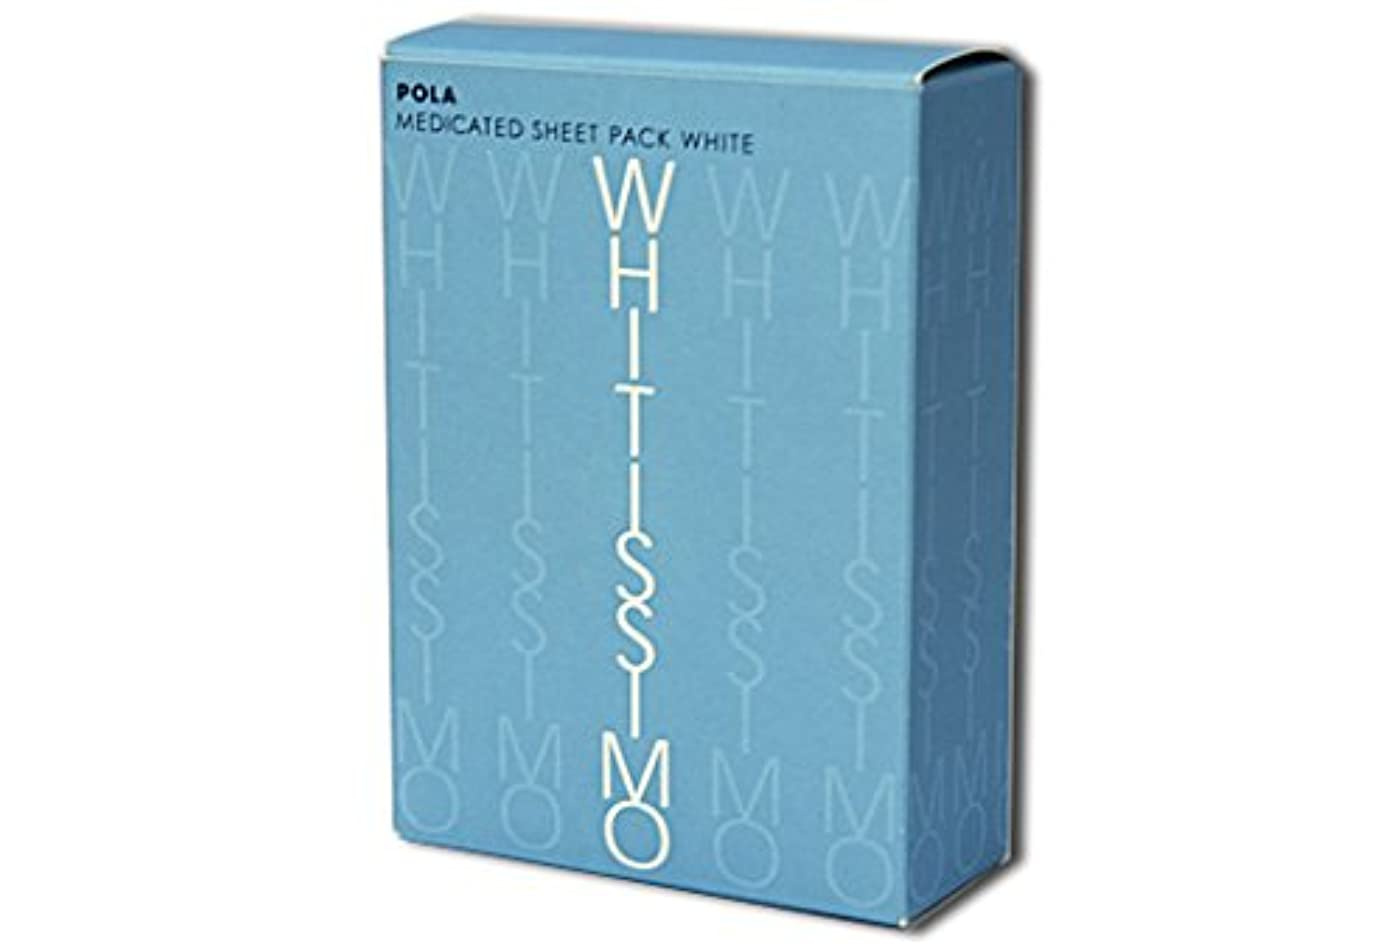 ゲートウェイすごい傾向があるPOLA / ポーラ ホワイティシモ 薬用シート パック ホワイト 30セット